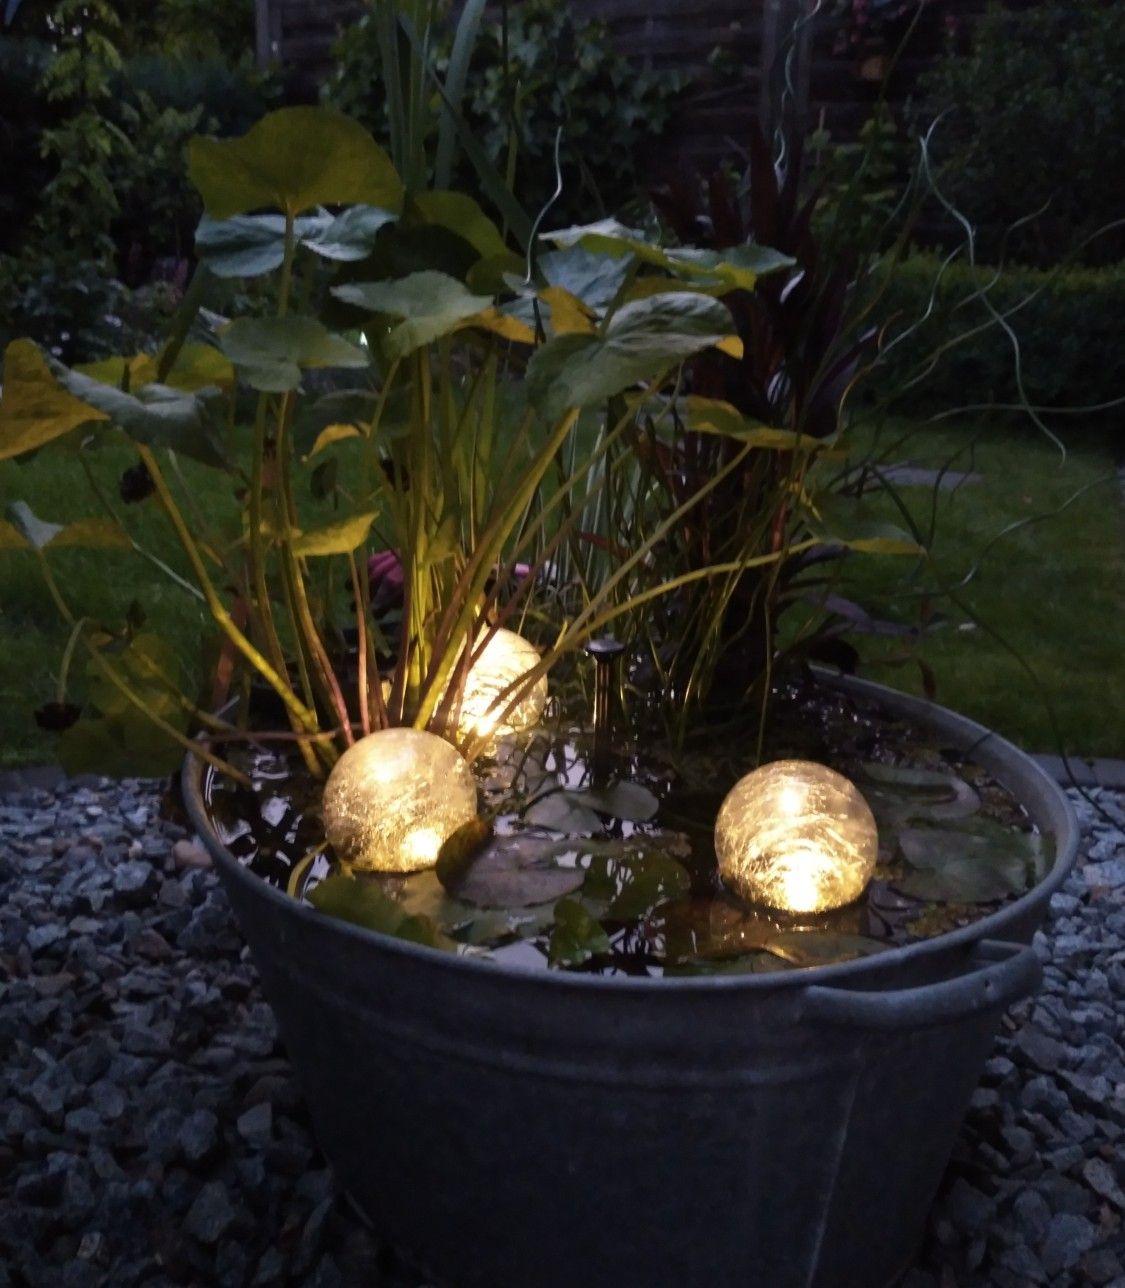 Mini Teich Mit Solarpumpe Und Leuchtkugeln Gekauft Auf Ebay Miniteich Sichtschutz Pflanzen Hortensien Pflege